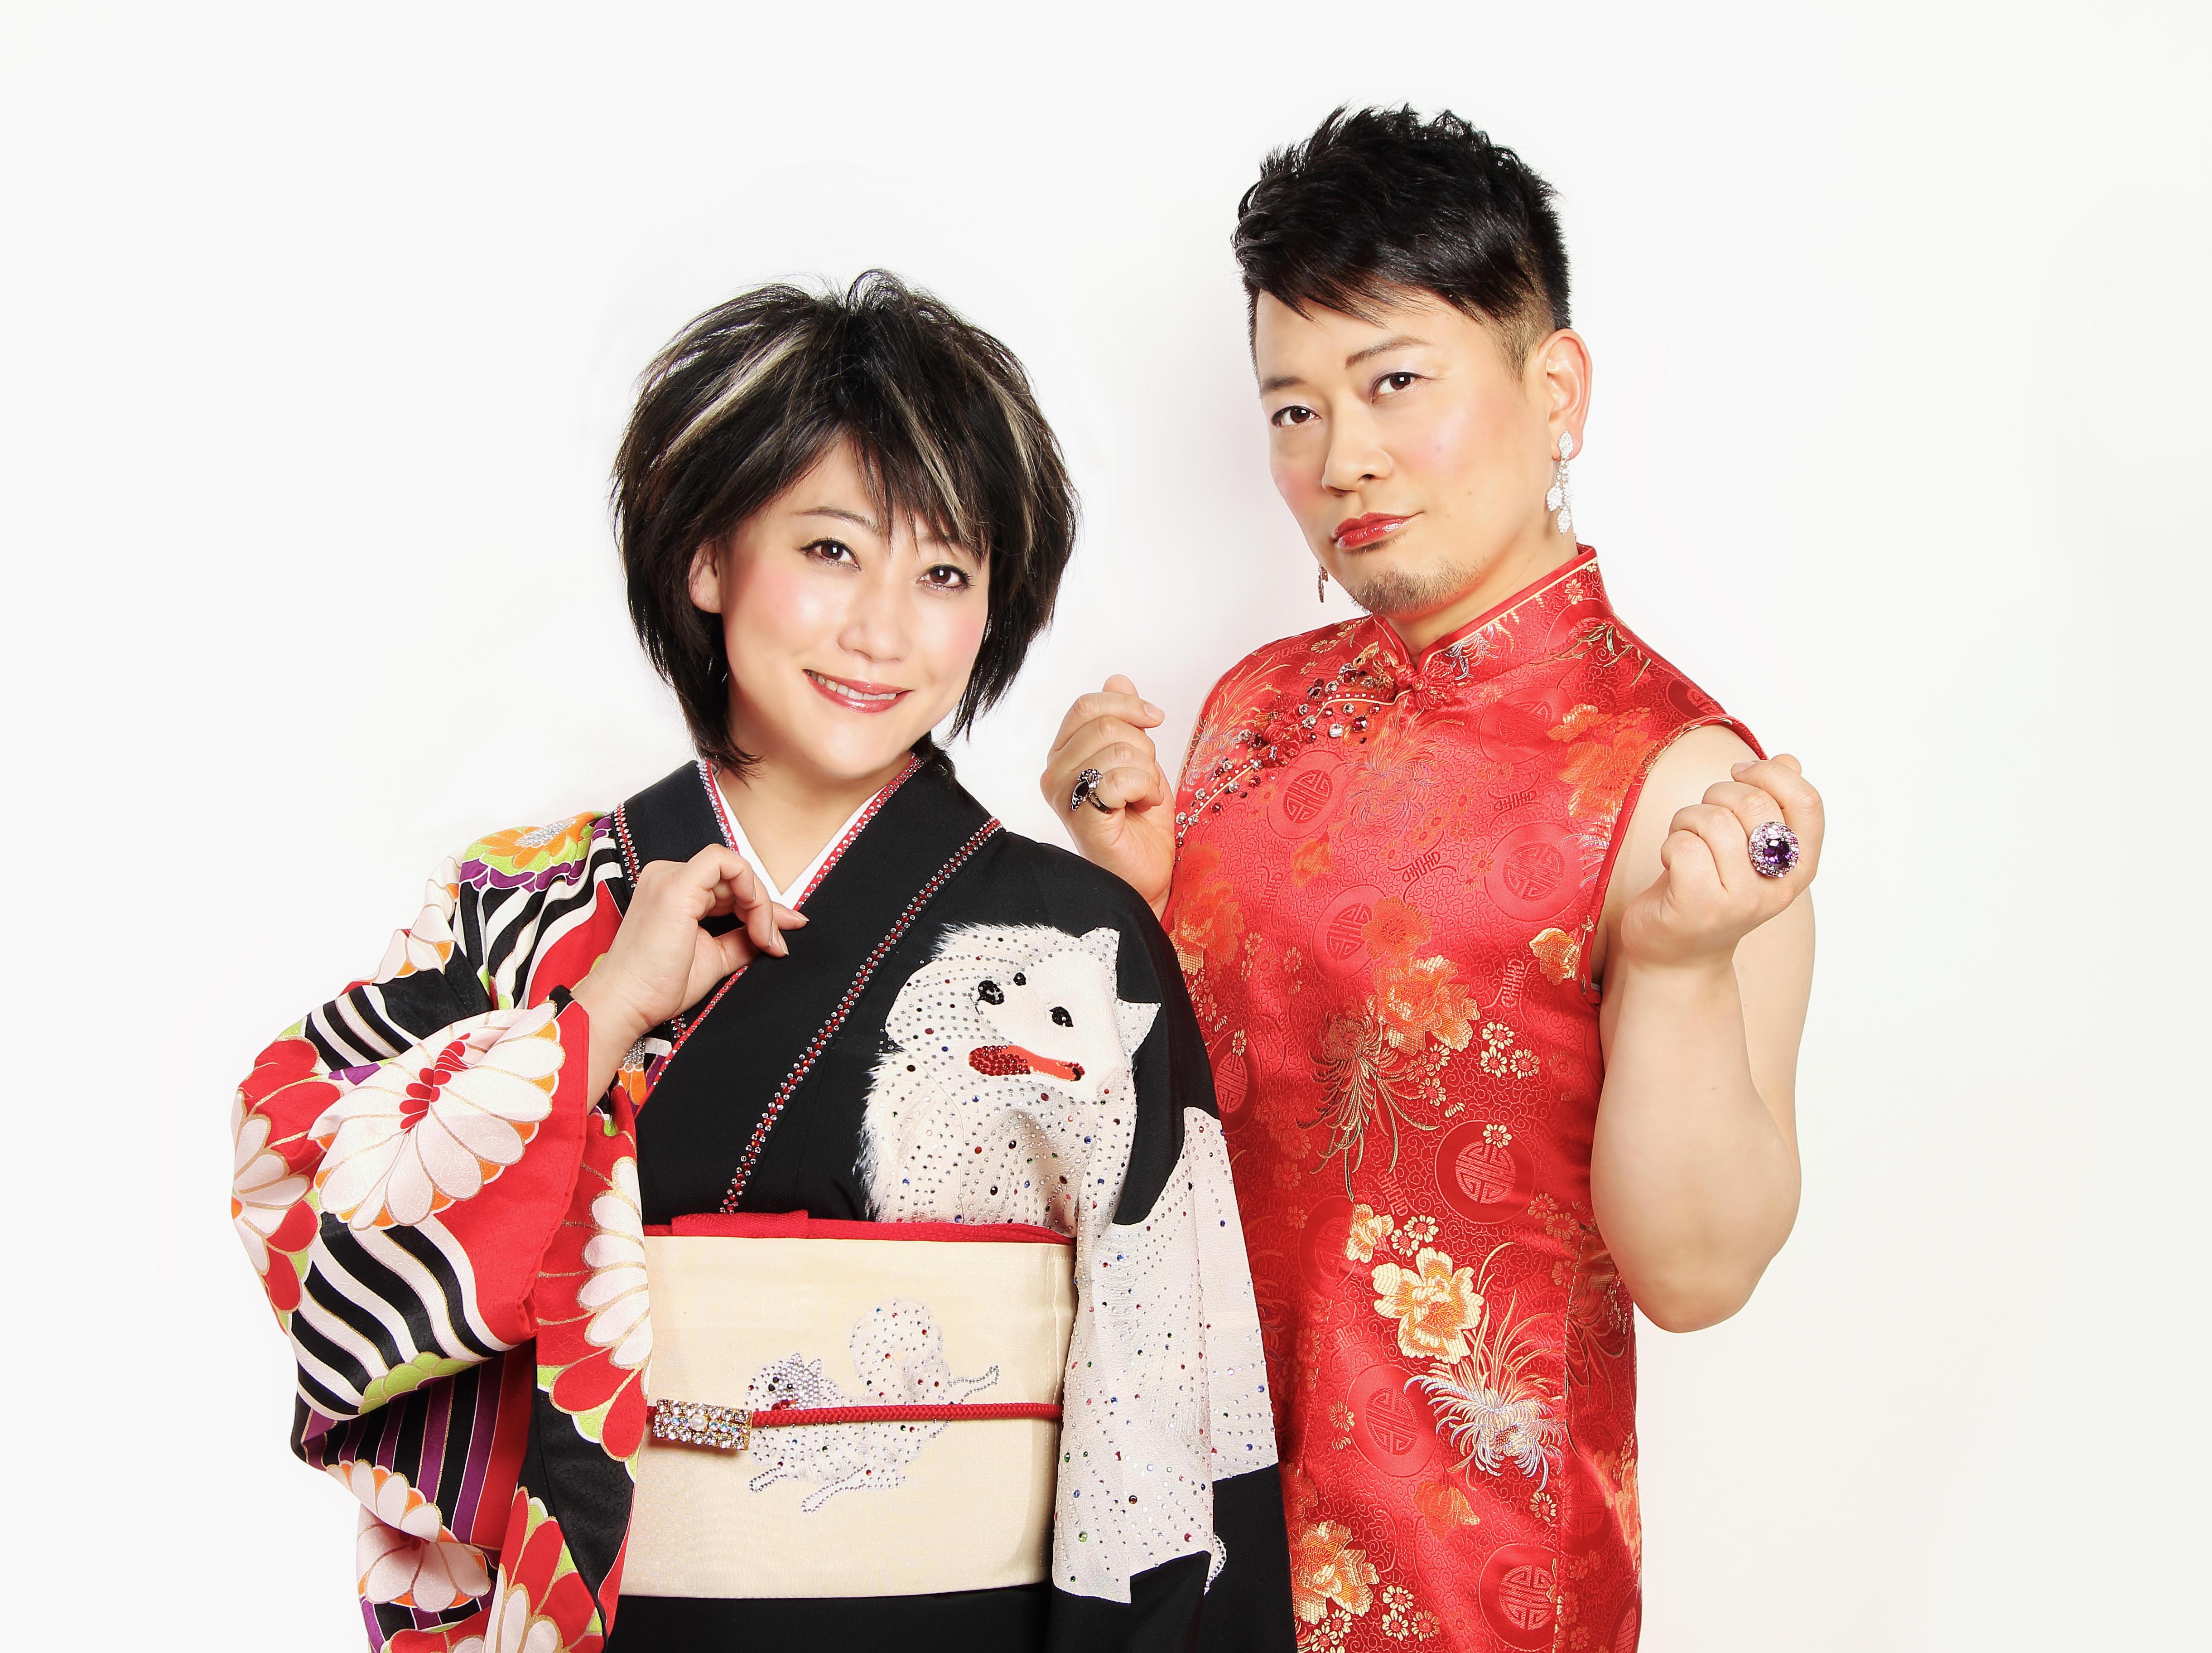 http://news.yoshimoto.co.jp/20170818163800-667047fd6c28657ba8bb3d4e1b9e0ef09d0349f8.jpg